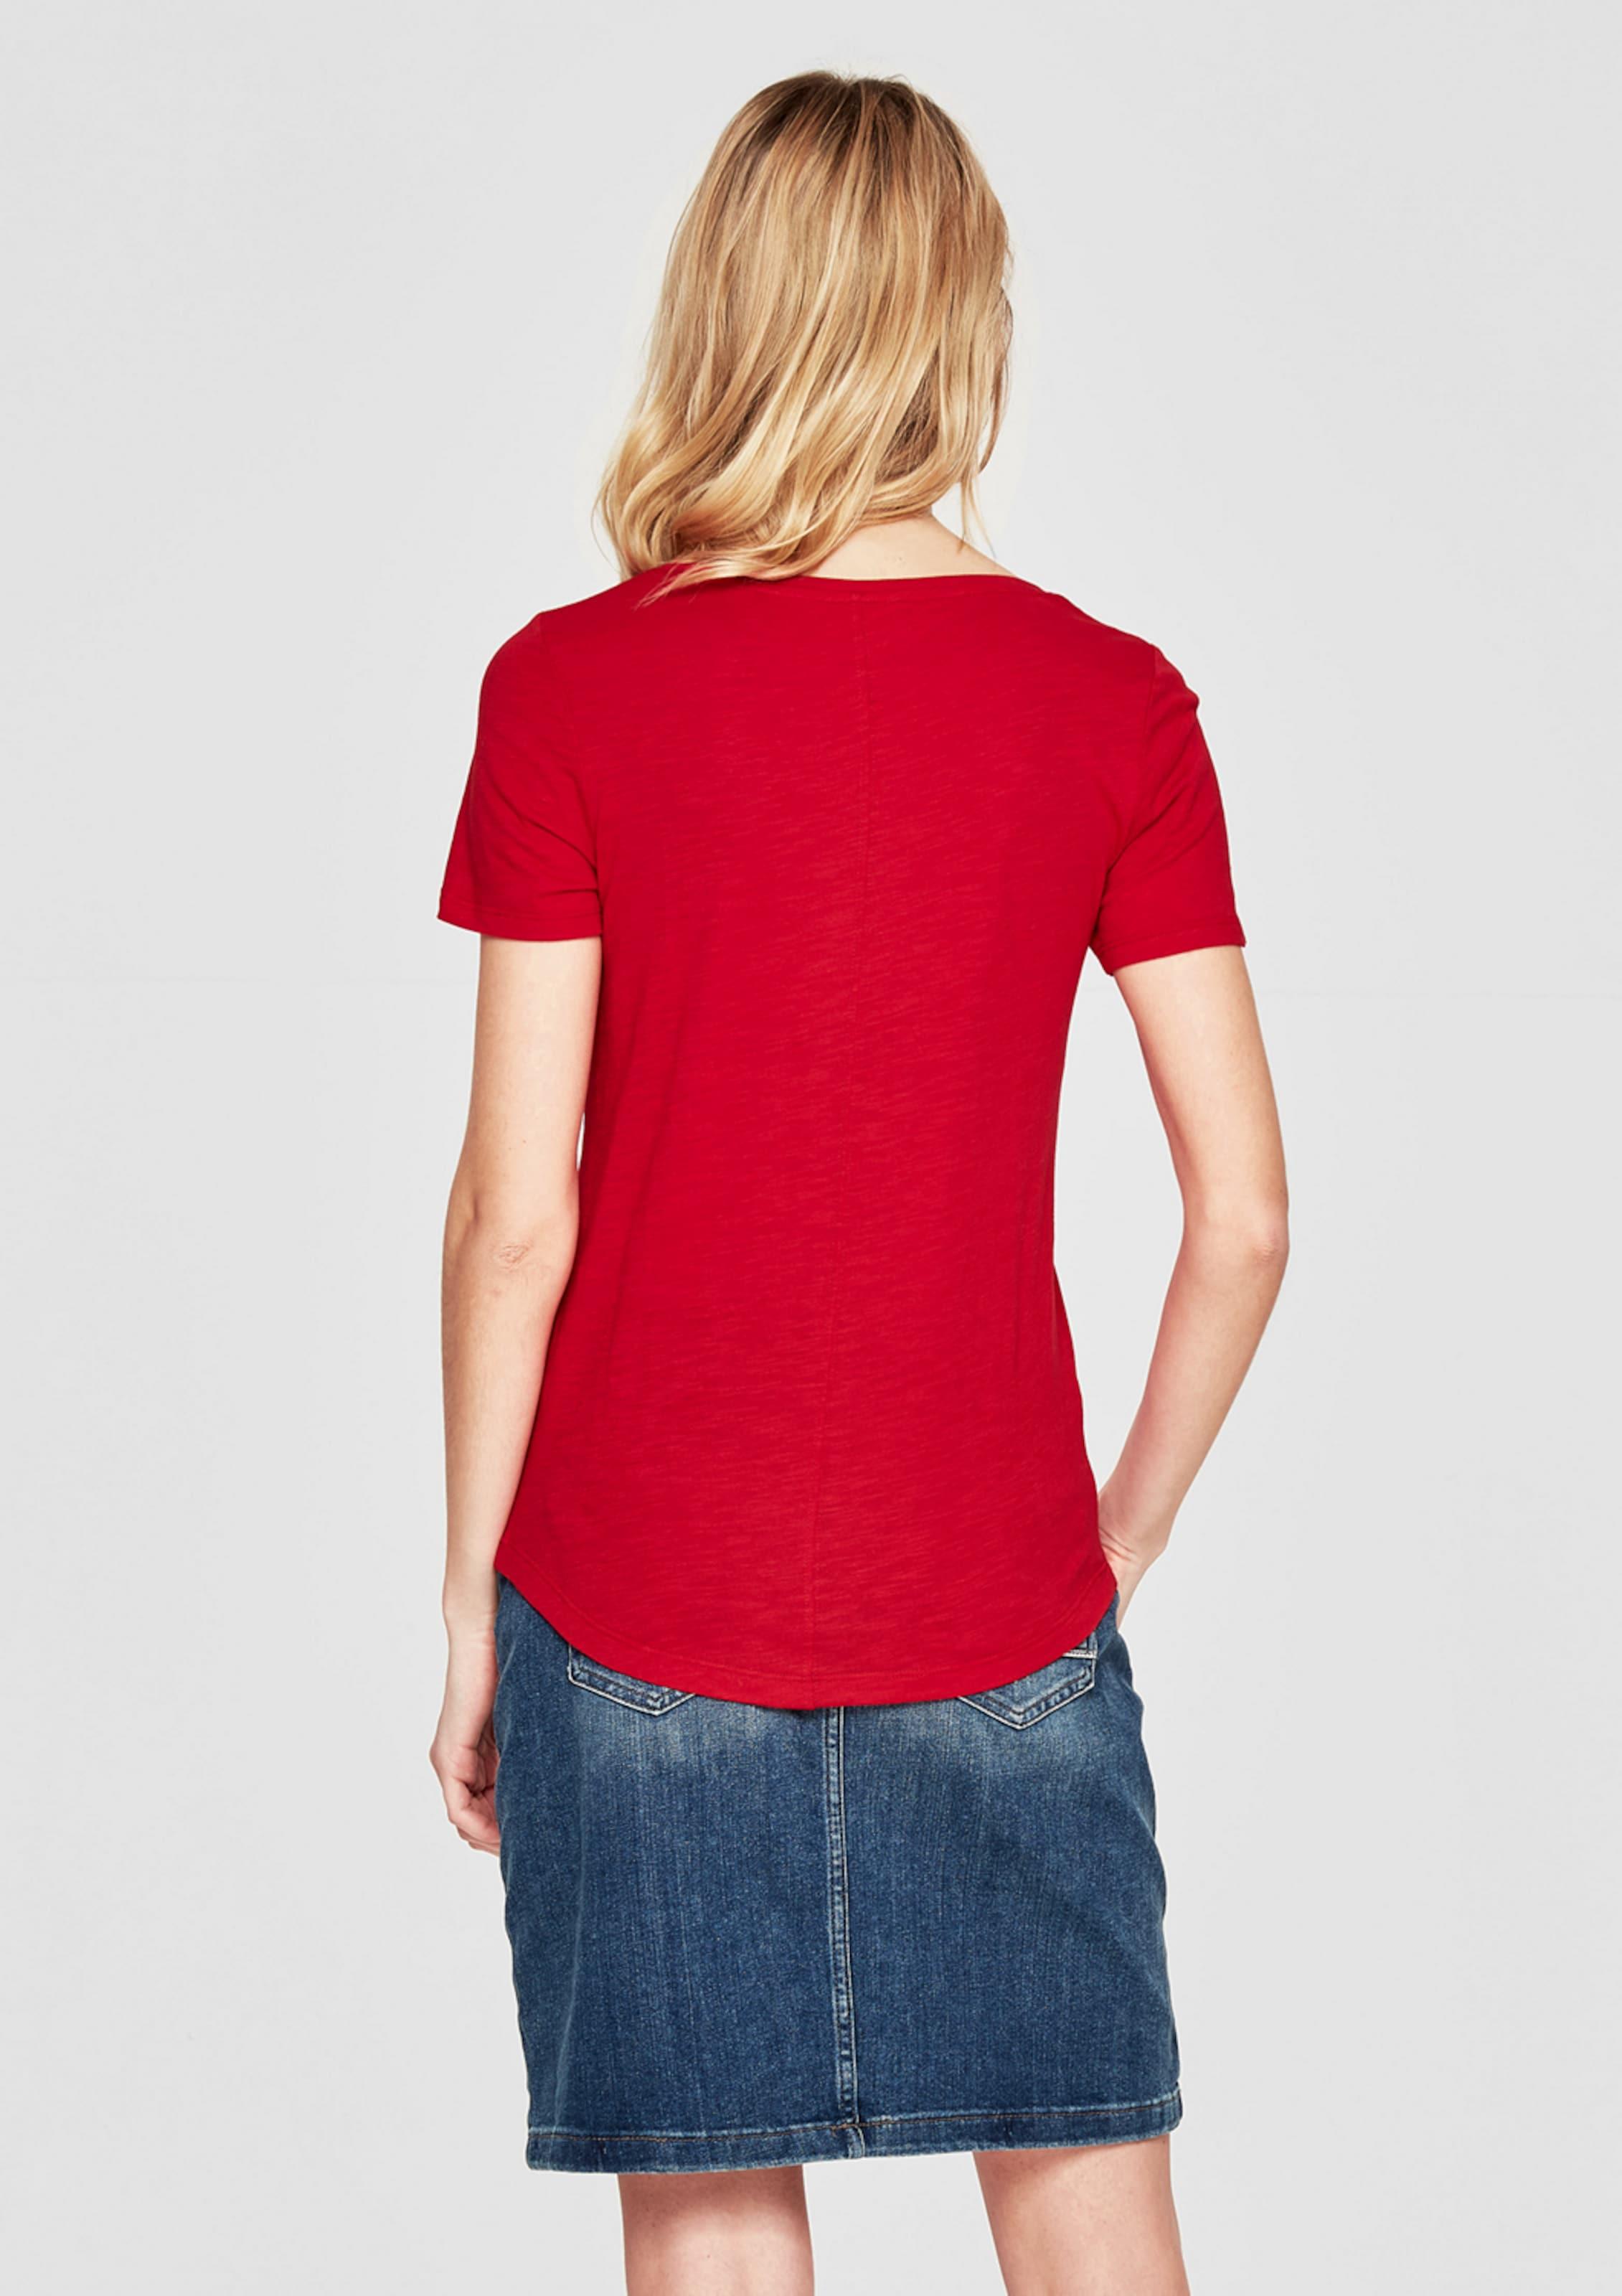 s.Oliver RED LABEL T-Shirt in Slub Yarn Billig Verkauf Aus Deutschland Billig Verkauf Extrem Shop Für Online Brandneue Unisex Günstig Online GiJLdhSZ